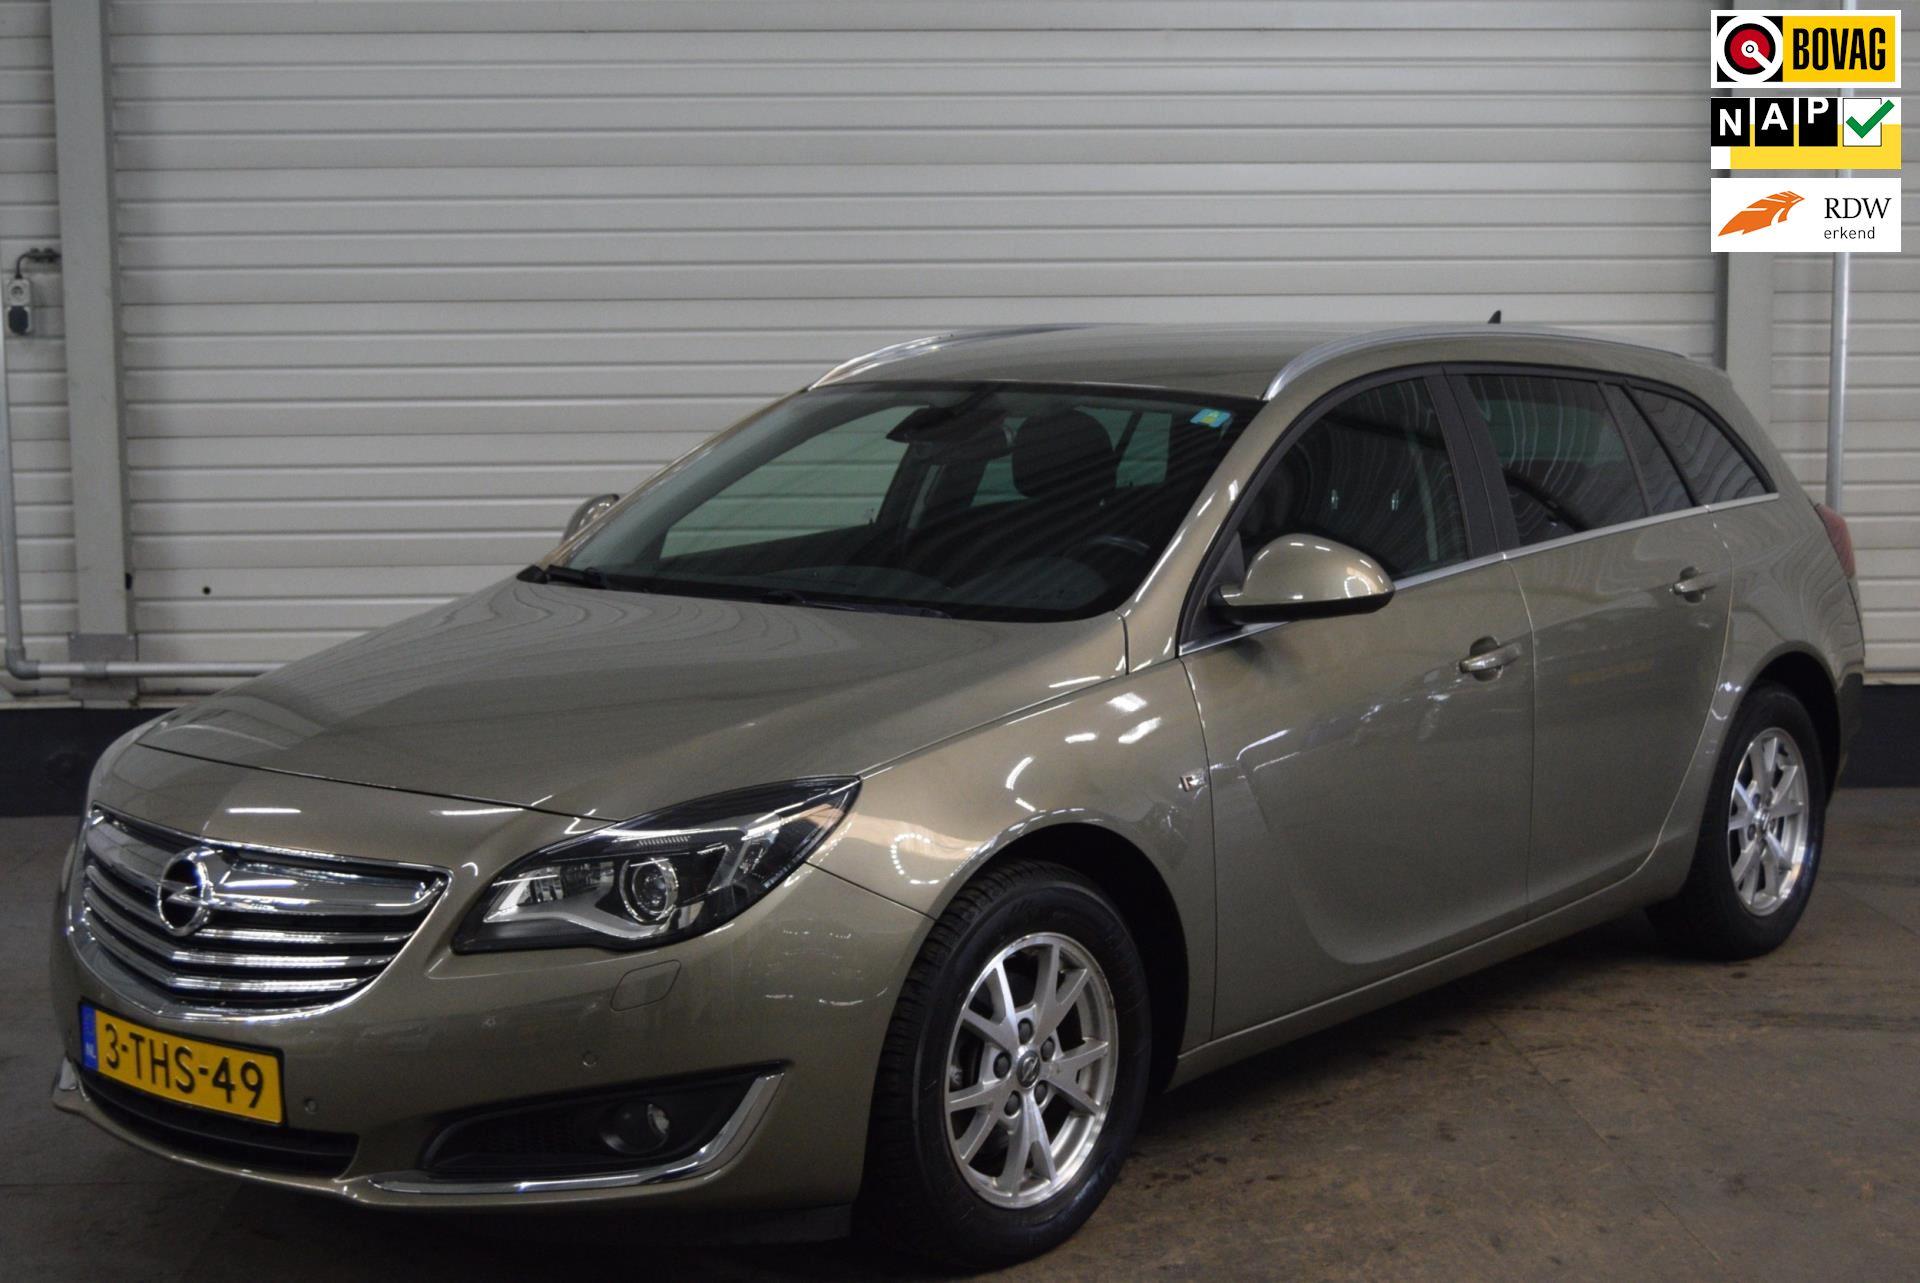 Opel Insignia Sports Tourer occasion - Autobedrijf van de Werken bv